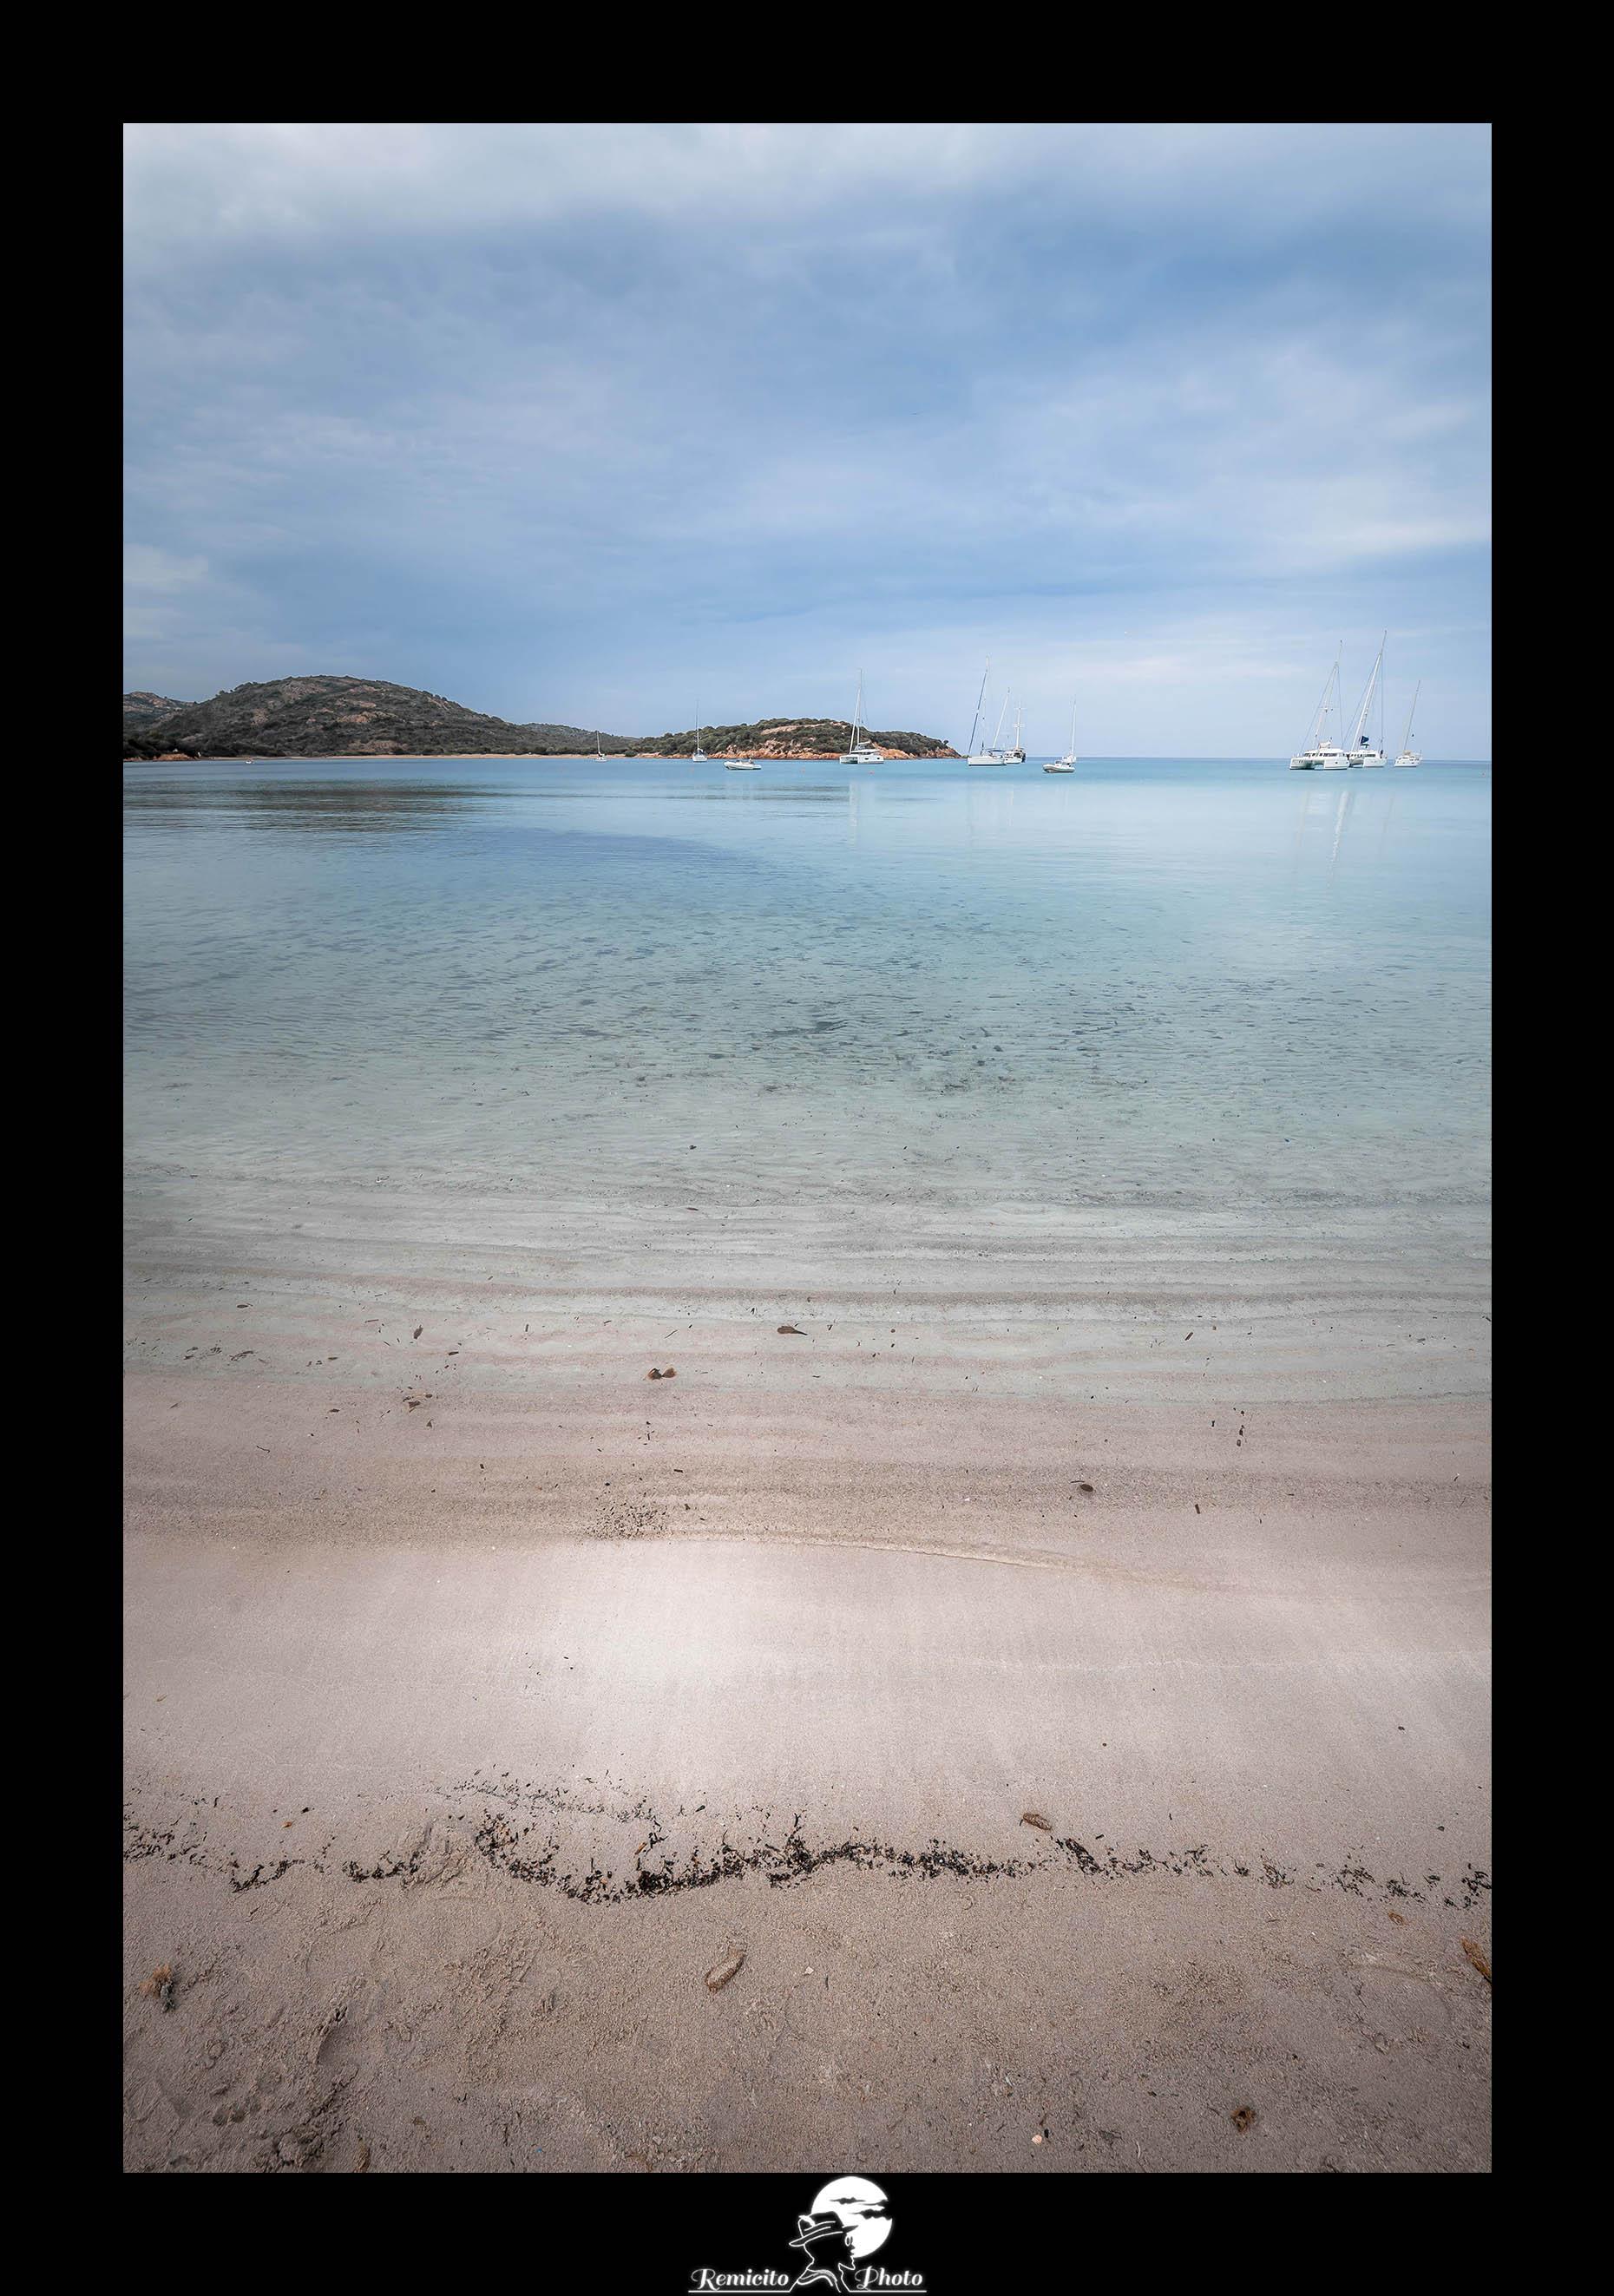 remicito photo, photo du jour, photo of the day, image du jour, photo plage Corse, plage la Rondinara bonifacio, Beach photography, landscape photography, french photographer, photographe français, photo mer bleue, eau turquoise